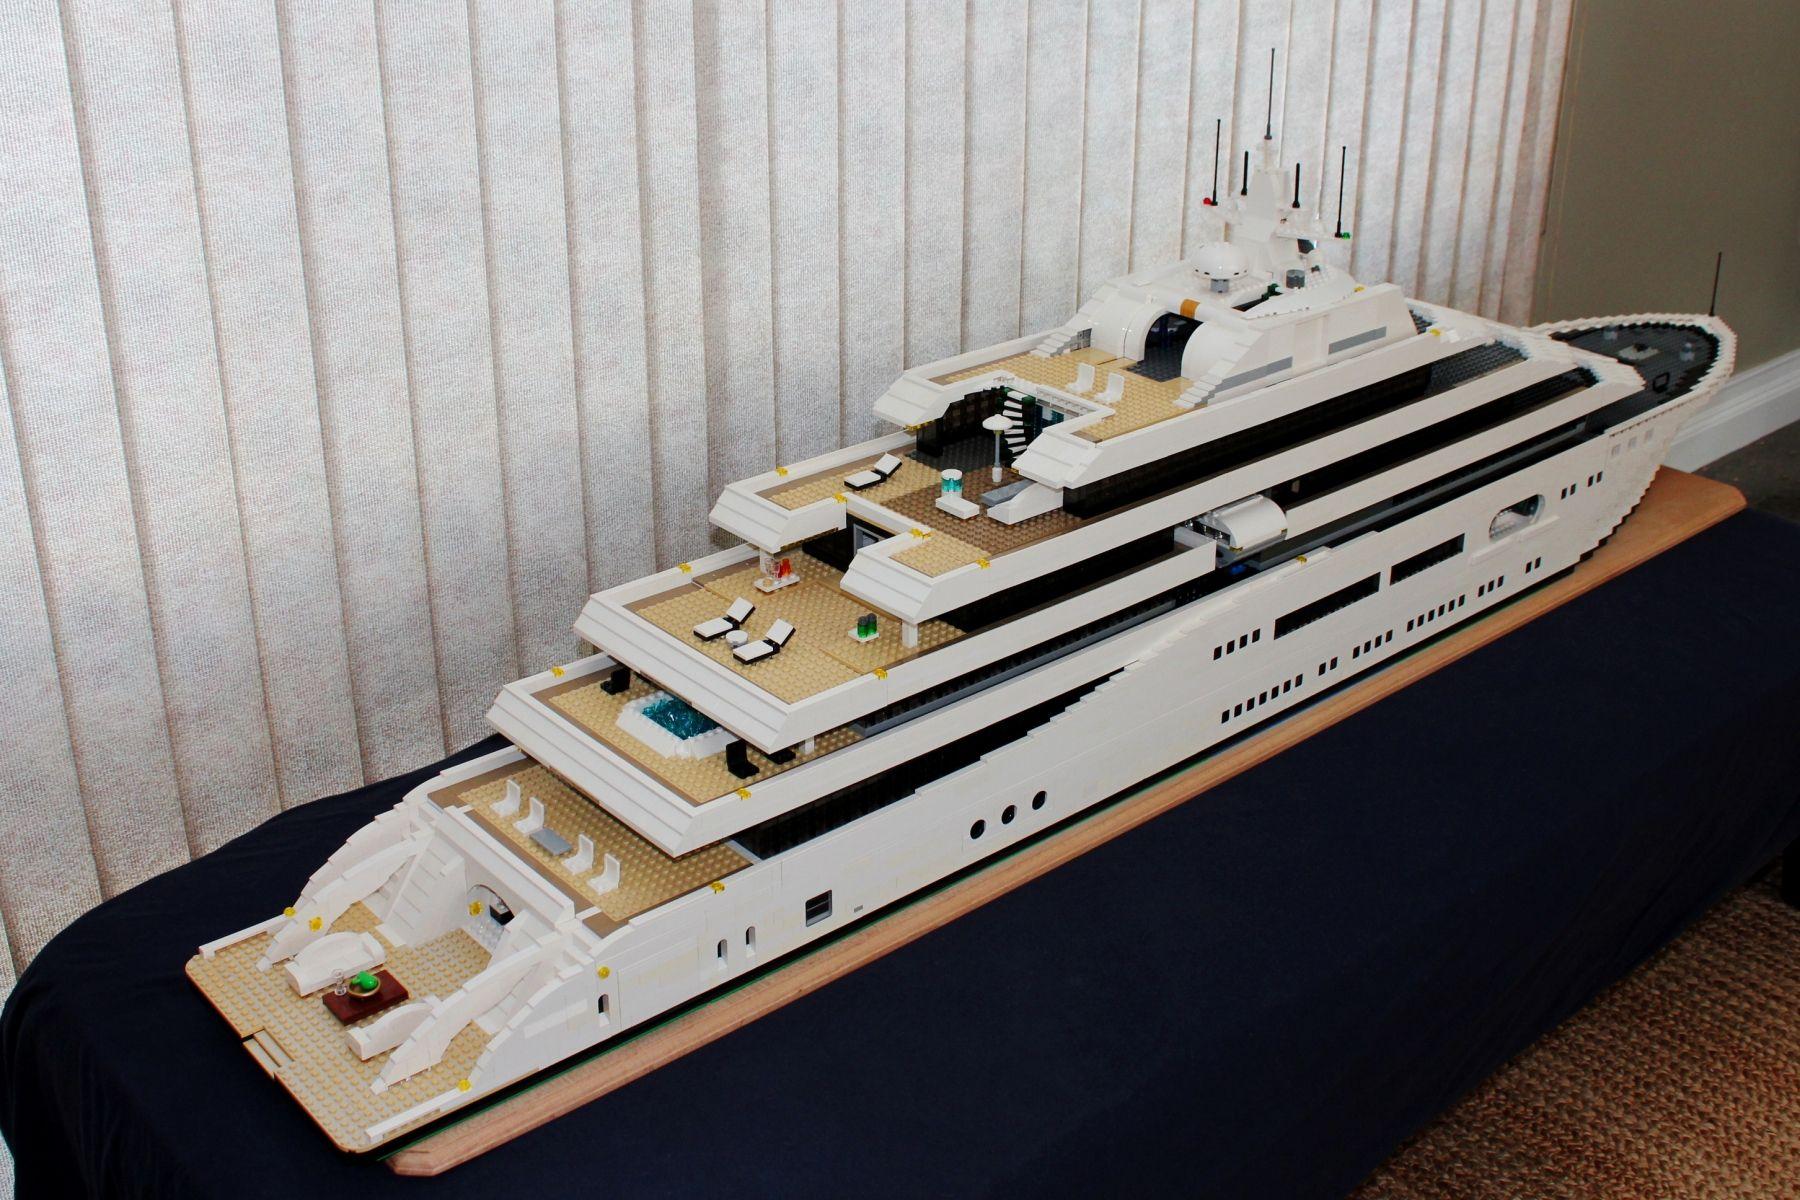 LEGO Mega-Yacht Stern by Keith Orlando